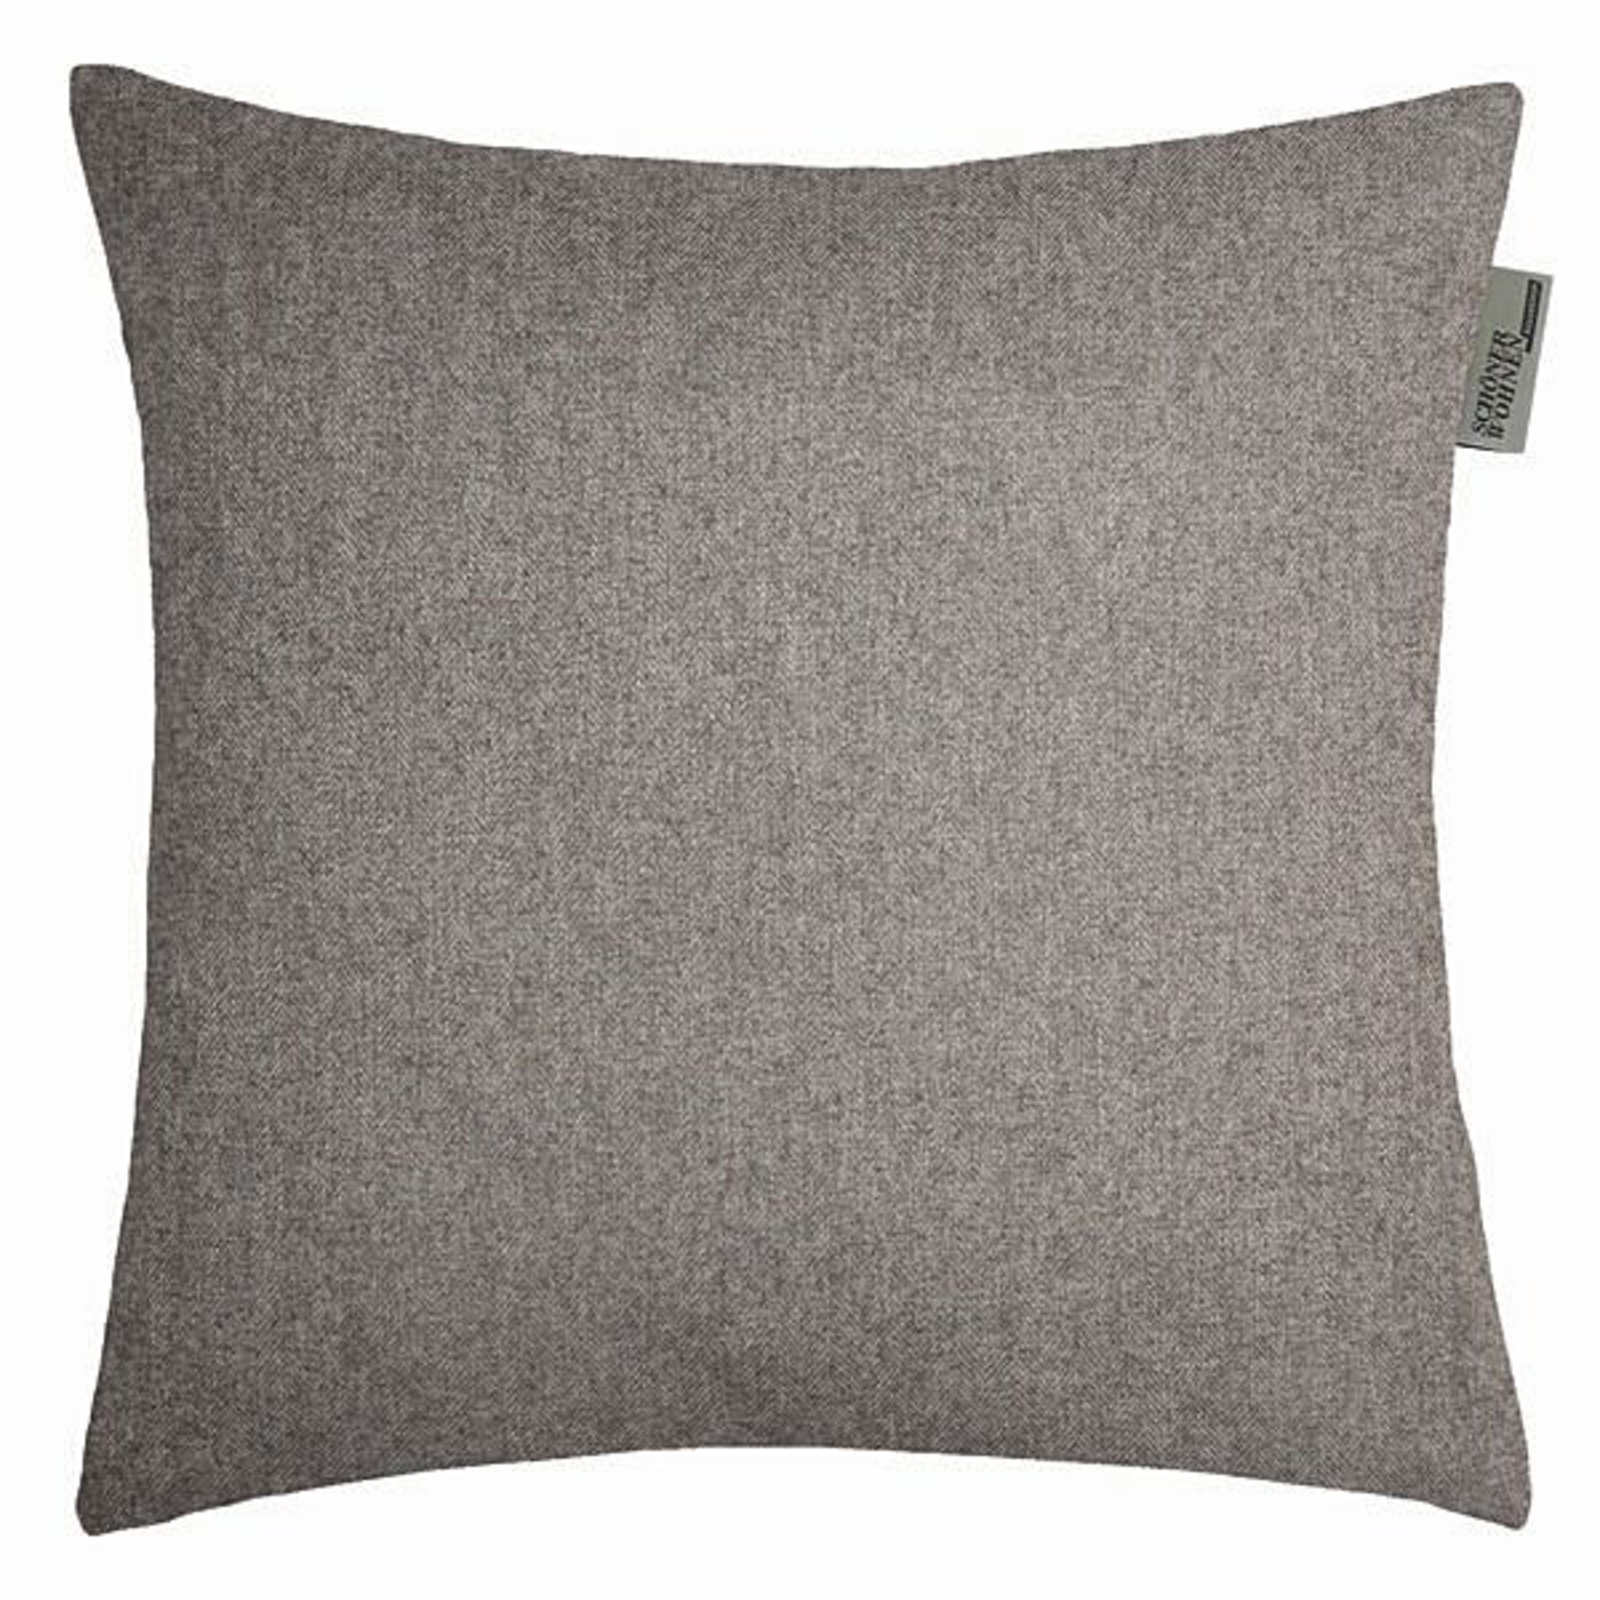 sch ner wohnen kissenh lle grau online entdecken schaffrath ihr m belhaus. Black Bedroom Furniture Sets. Home Design Ideas